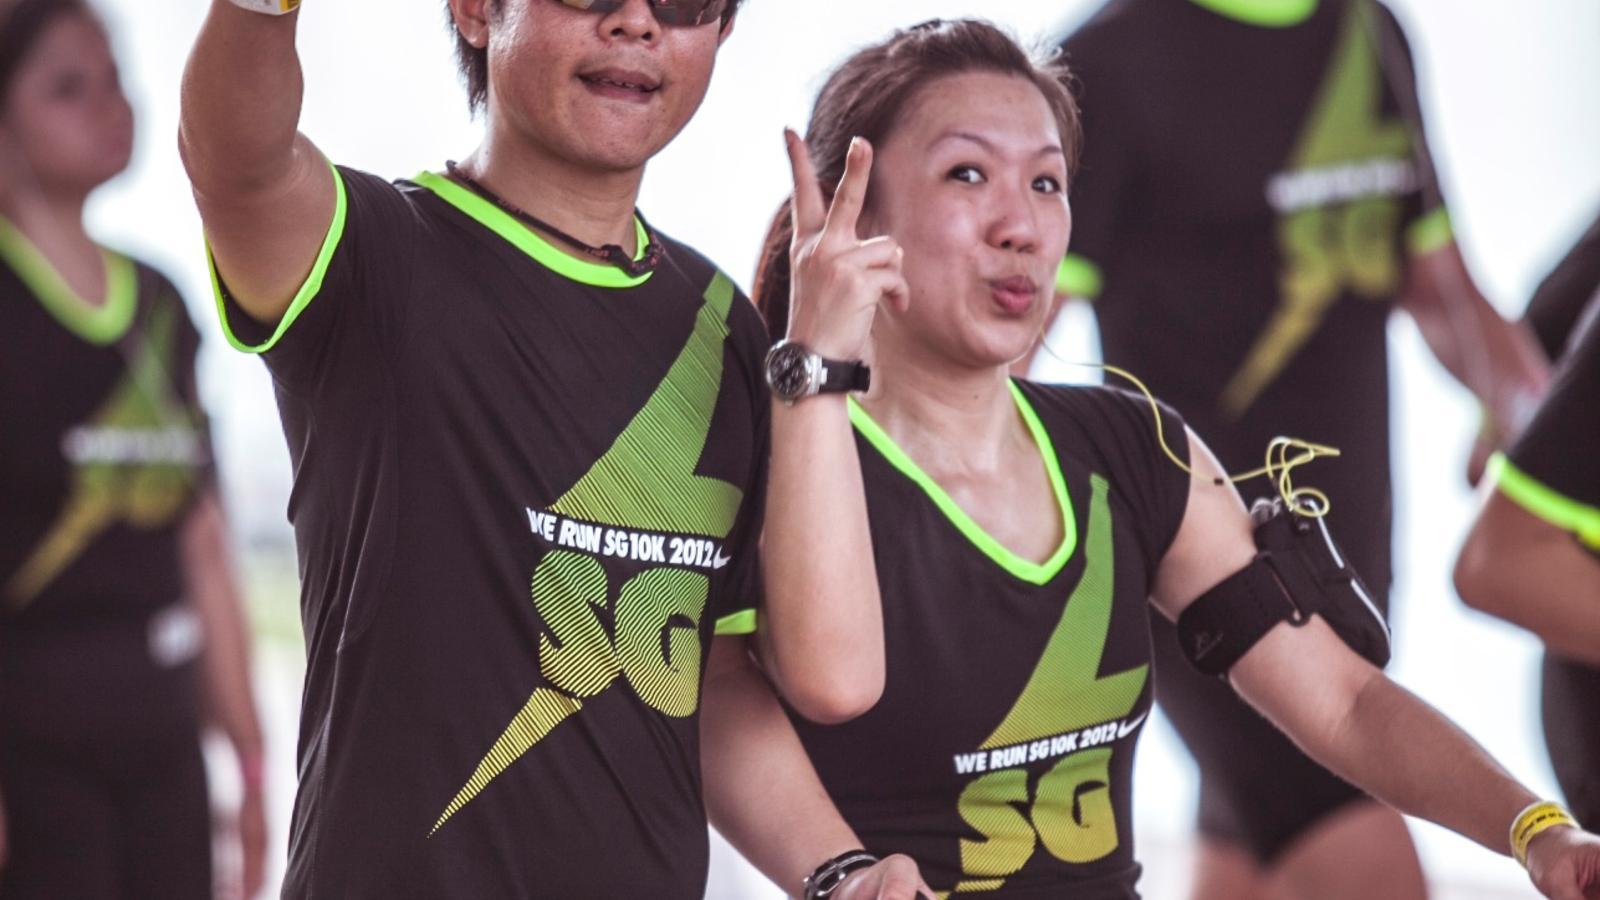 Nike_We_Run_SG_participants_1